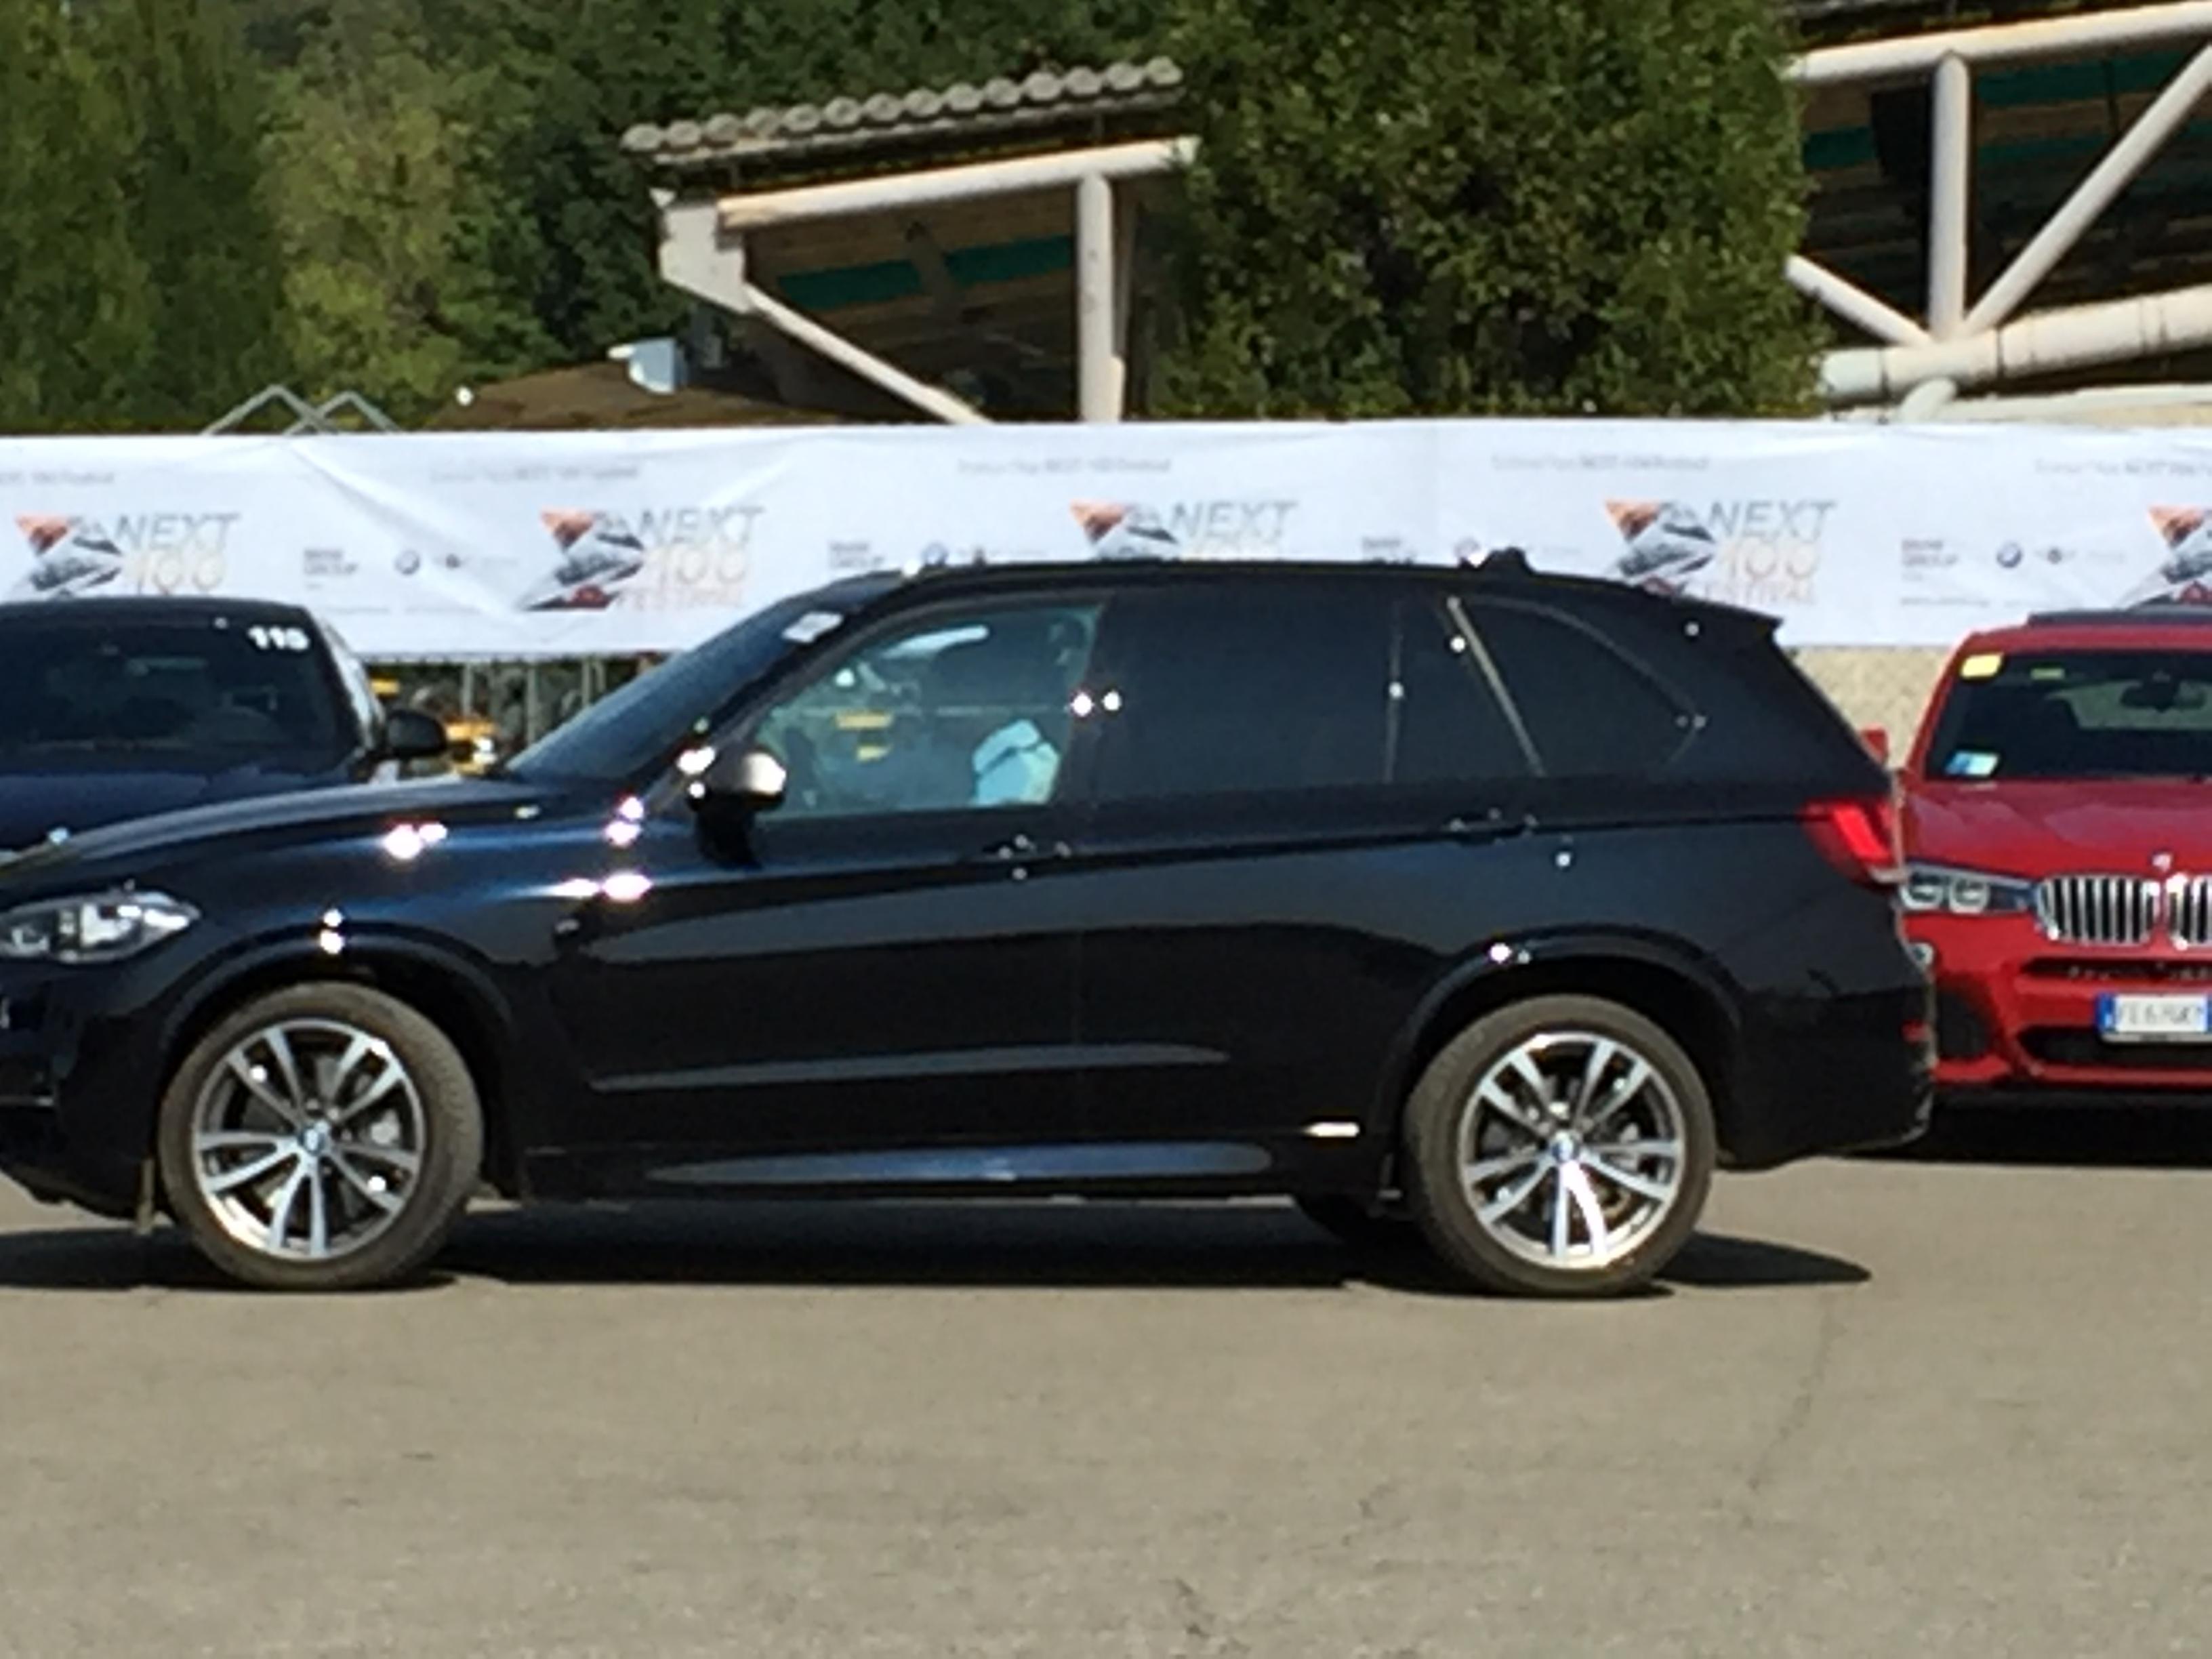 BMW X5 Next100